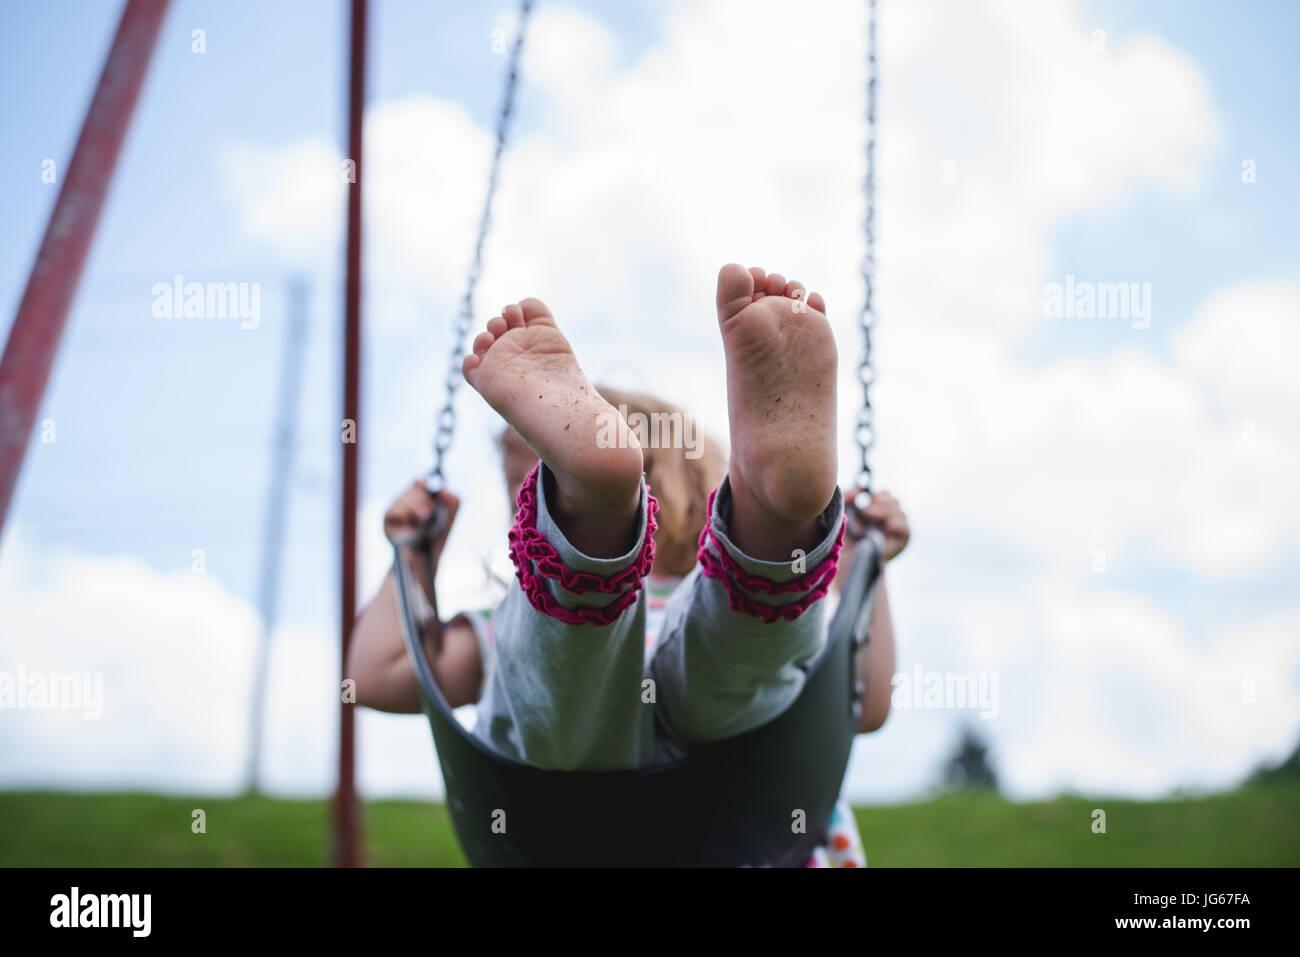 Un niño juega en un parque Imagen De Stock